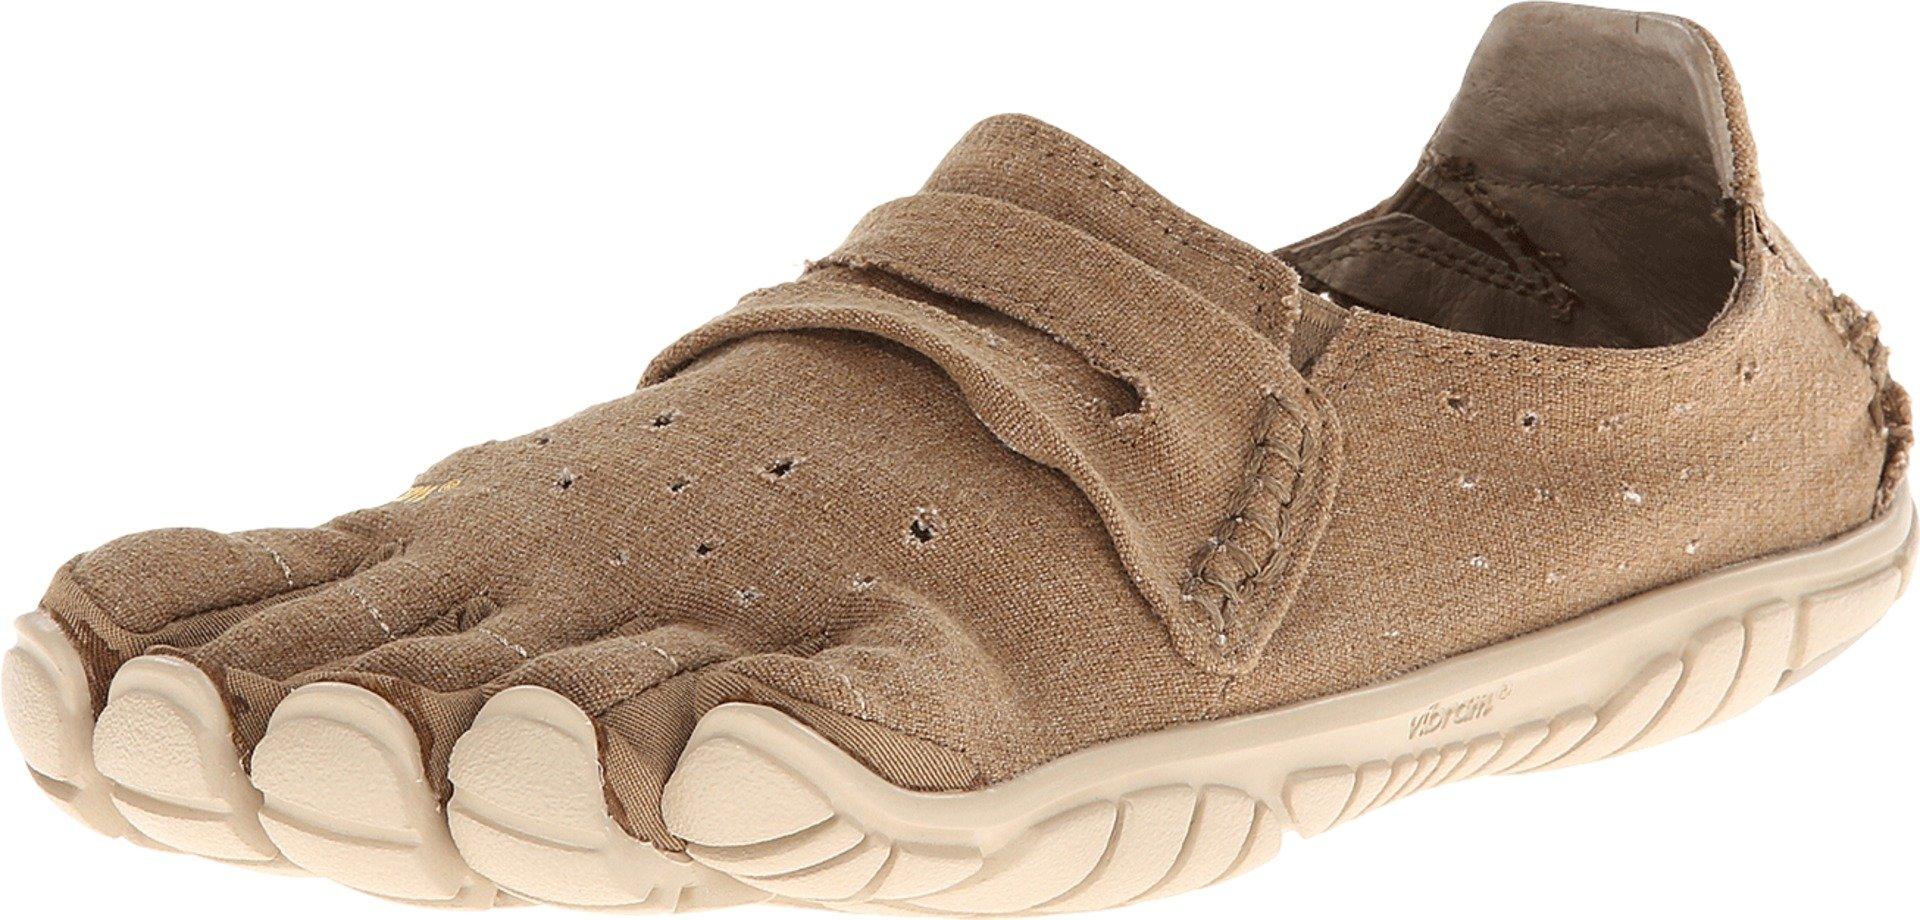 Vibram FiveFingers Men's CVT-Hemp Khaki Sneaker 41 M EU / 9-9.5 D(M) US by Vibram